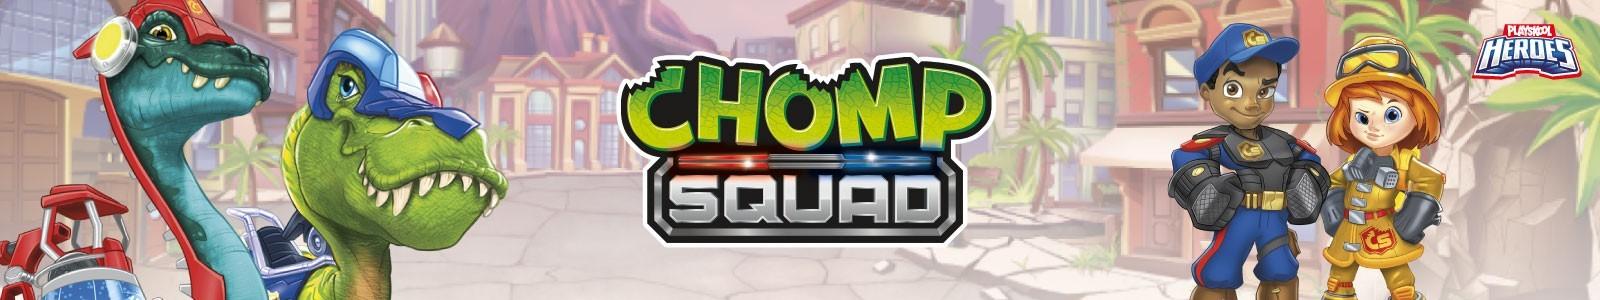 HEROES CHOMP SQUAD